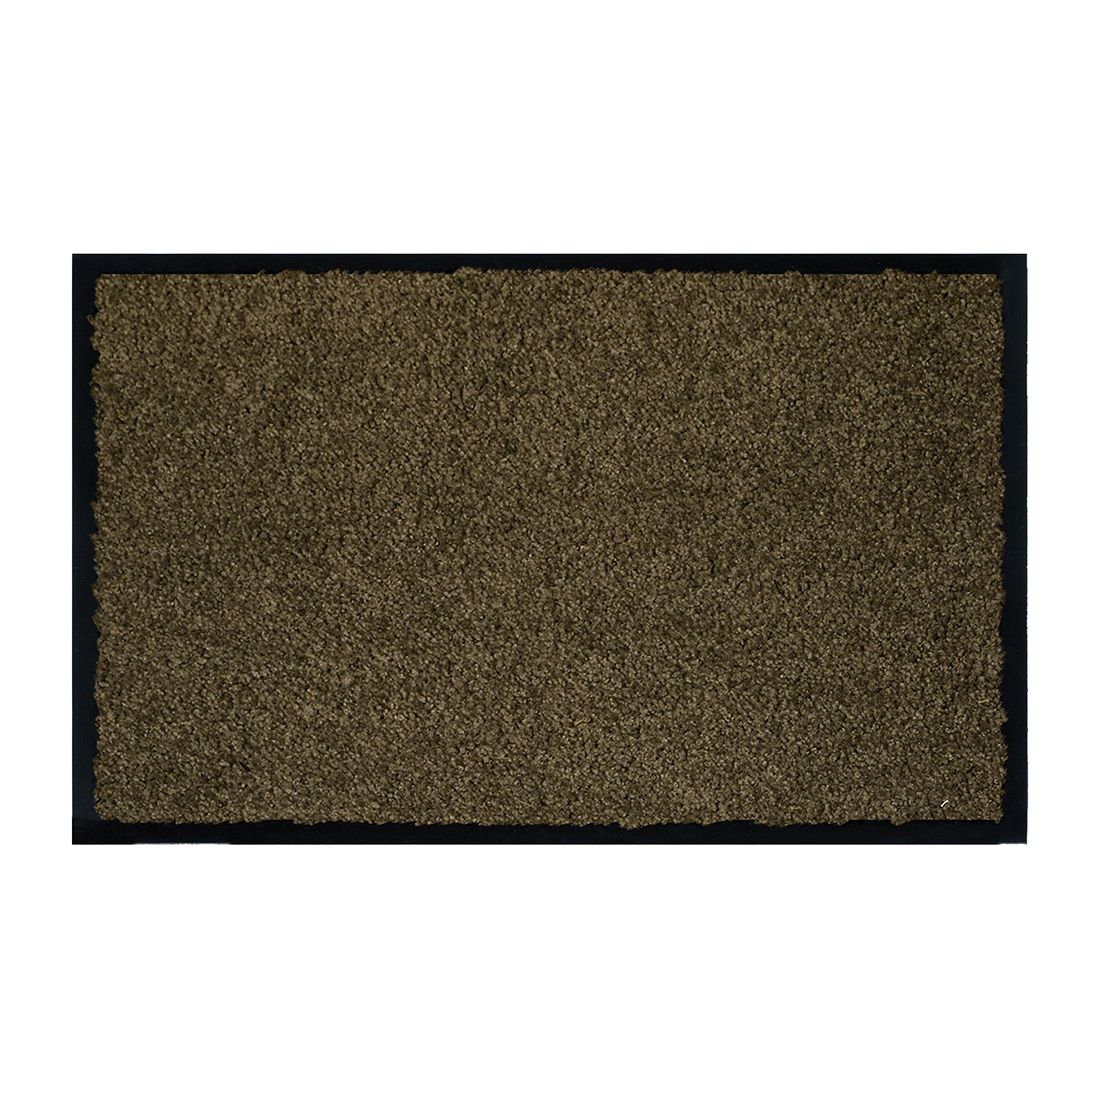 Fußmatte Proper Tex – Anthrazit/Braun – 90 x 250 cm, Astra online kaufen